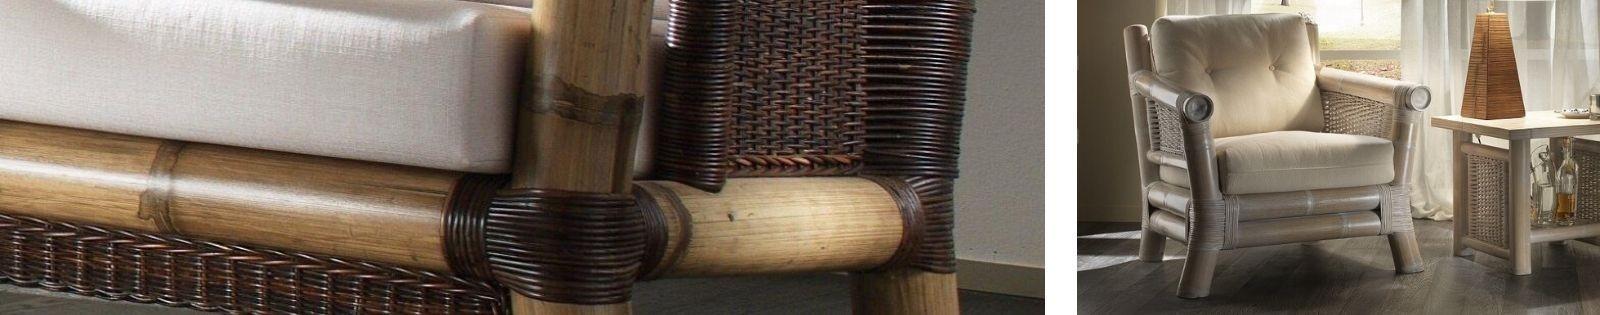 Fauteuil en bambou haut de gamme. Meuble pour le salon. Lotuséa